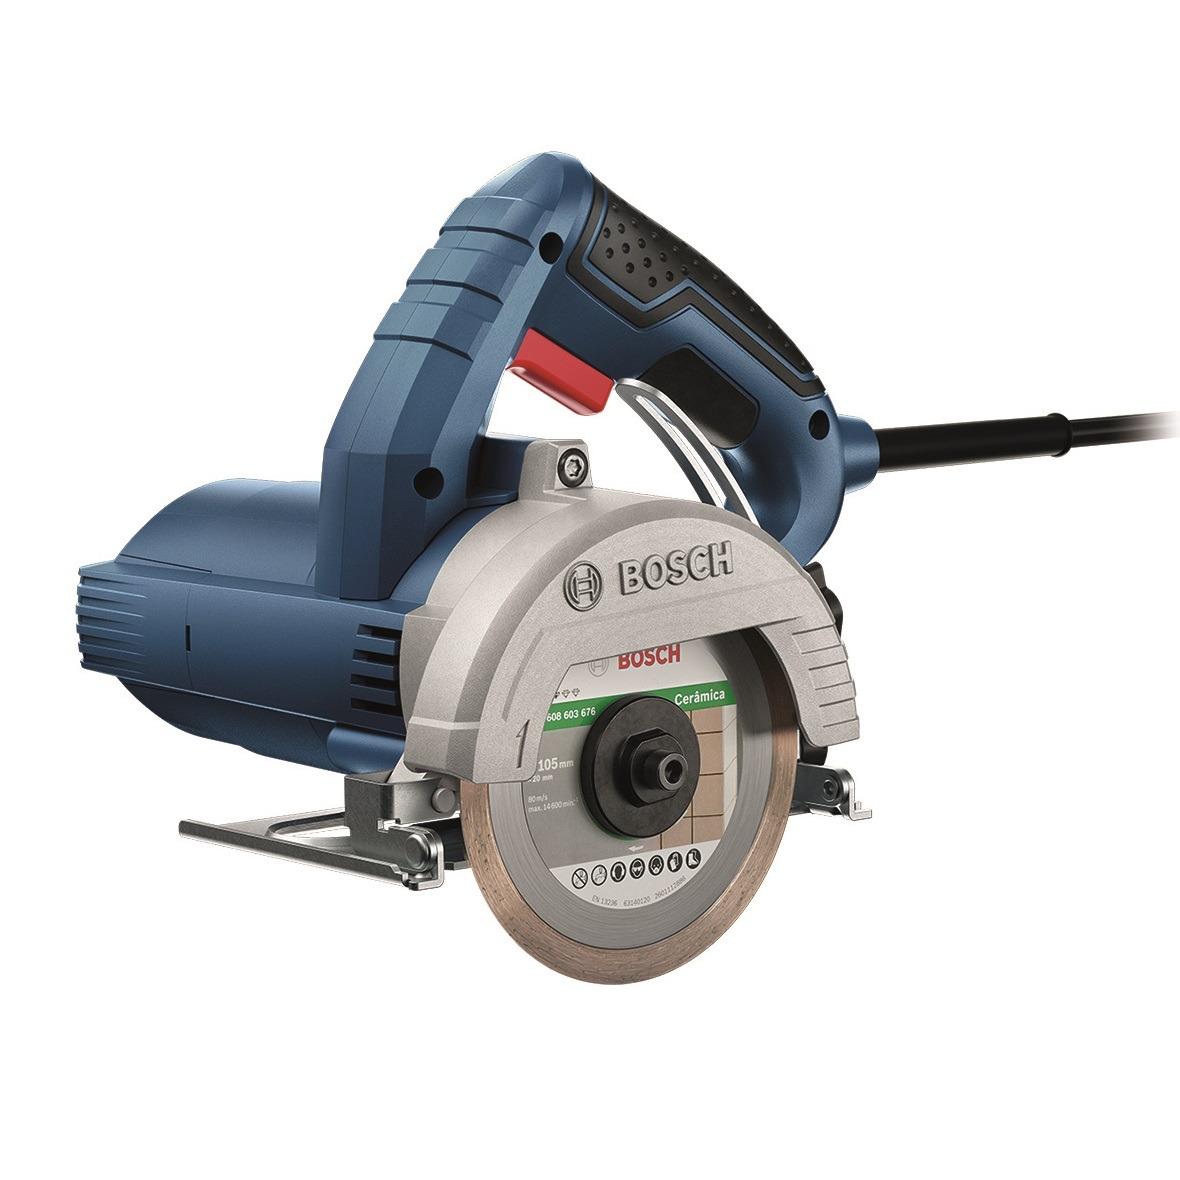 Serra Marmore Corte em Angulo 125mm 1500W 127V GDC151 06015487D2000 - Bosch